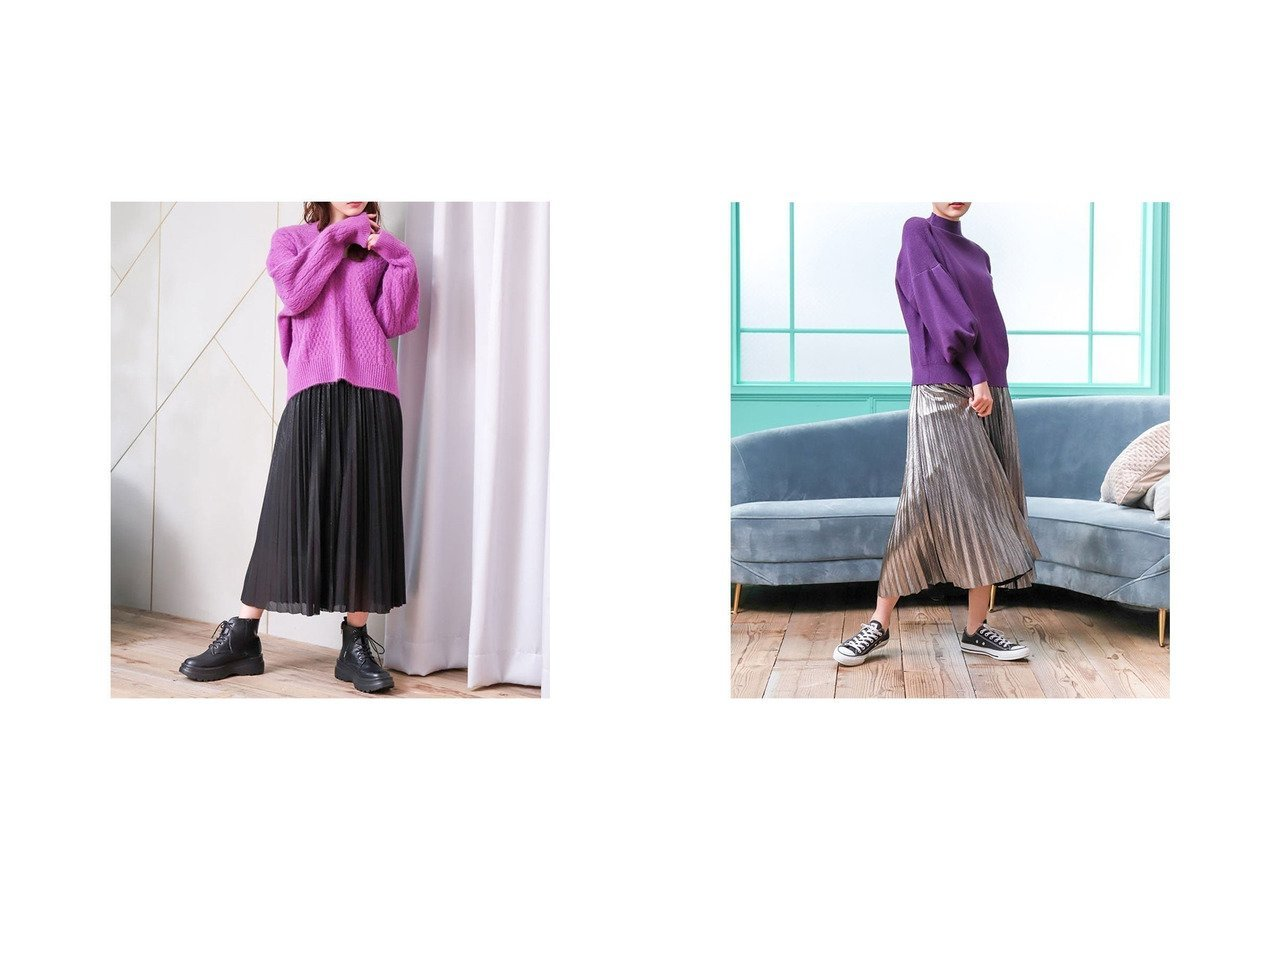 【fifth/フィフス】のメタリックプリーツスカート fifthのおすすめ!人気、トレンド・レディースファッションの通販  おすすめで人気の流行・トレンド、ファッションの通販商品 メンズファッション・キッズファッション・インテリア・家具・レディースファッション・服の通販 founy(ファニー) https://founy.com/ ファッション Fashion レディースファッション WOMEN スカート Skirt プリーツスカート Pleated Skirts 2021年 2021 2021 春夏 S/S SS Spring/Summer 2021 S/S 春夏 SS Spring/Summer スマート プリーツ 春 Spring |ID:crp329100000017660